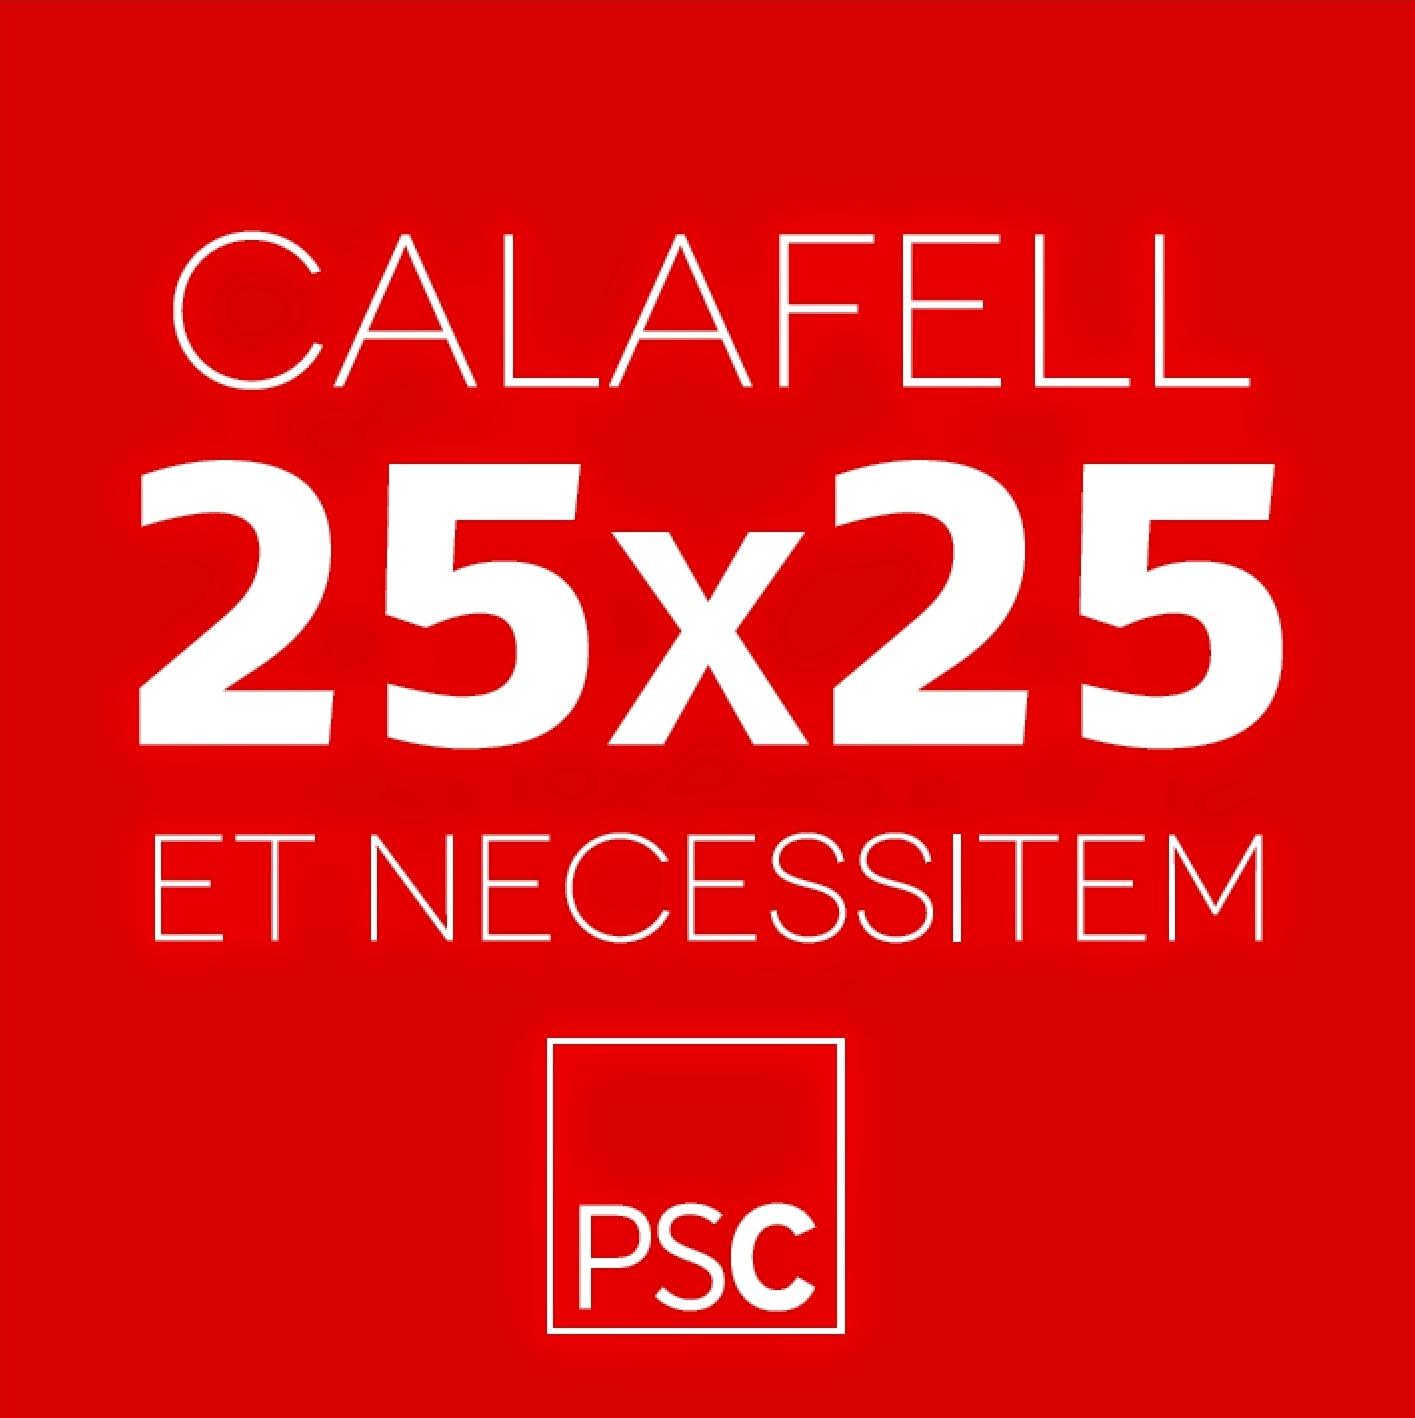 TOT EL CALAFELL25x25